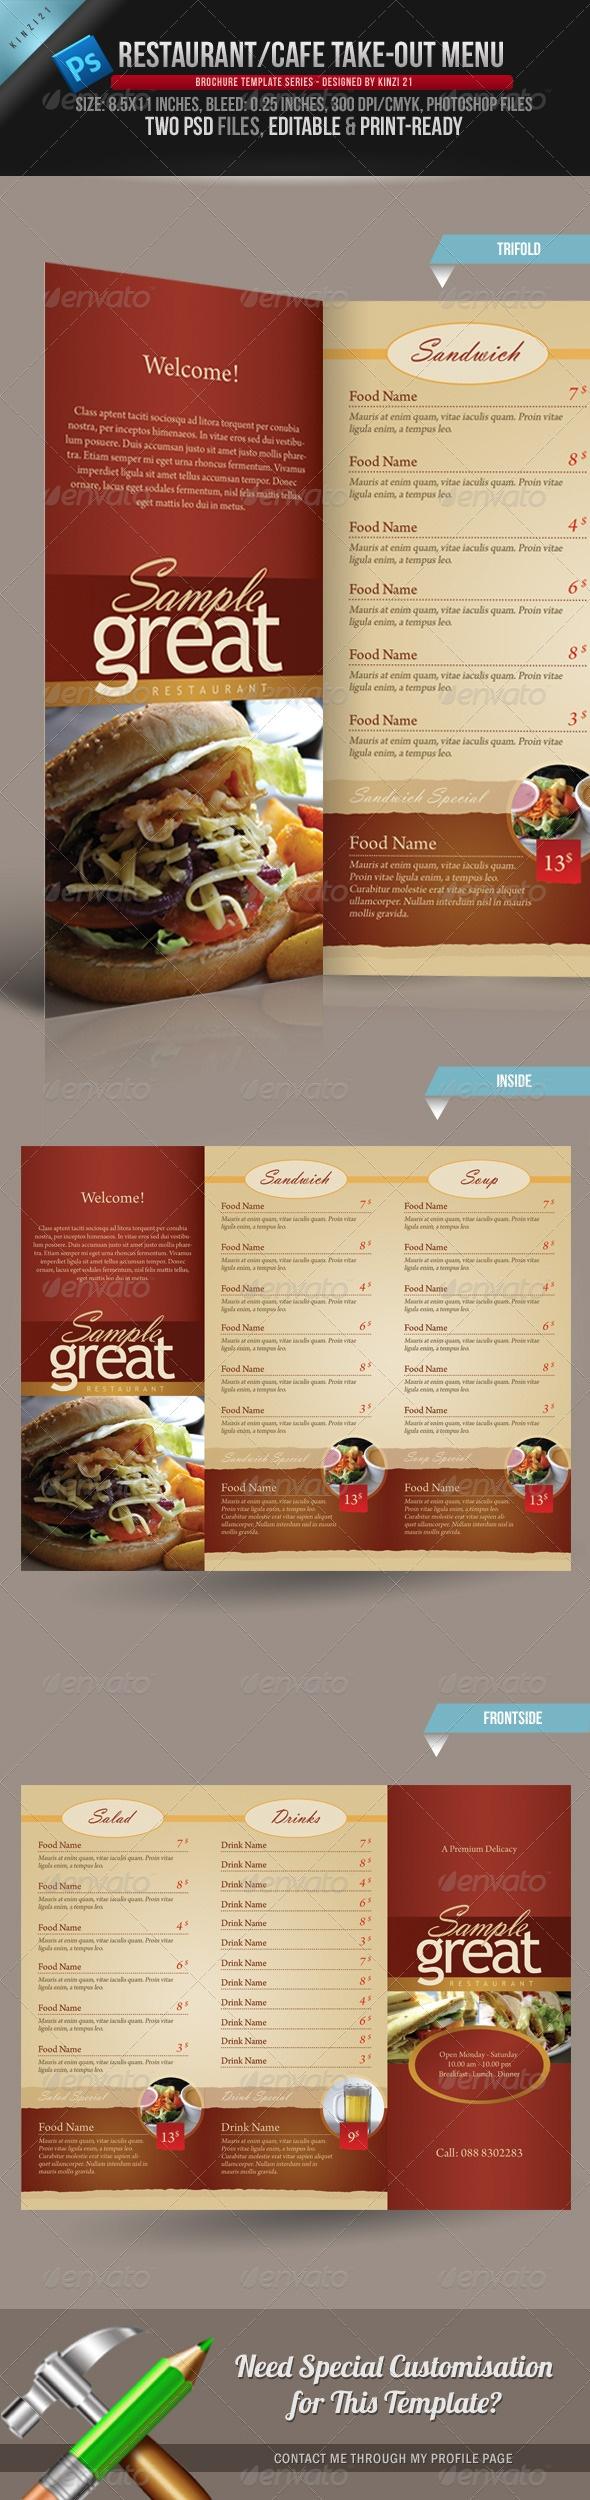 Template Menu | af29f85e496b7852a5cb5163576876d9 menu template cafe menu